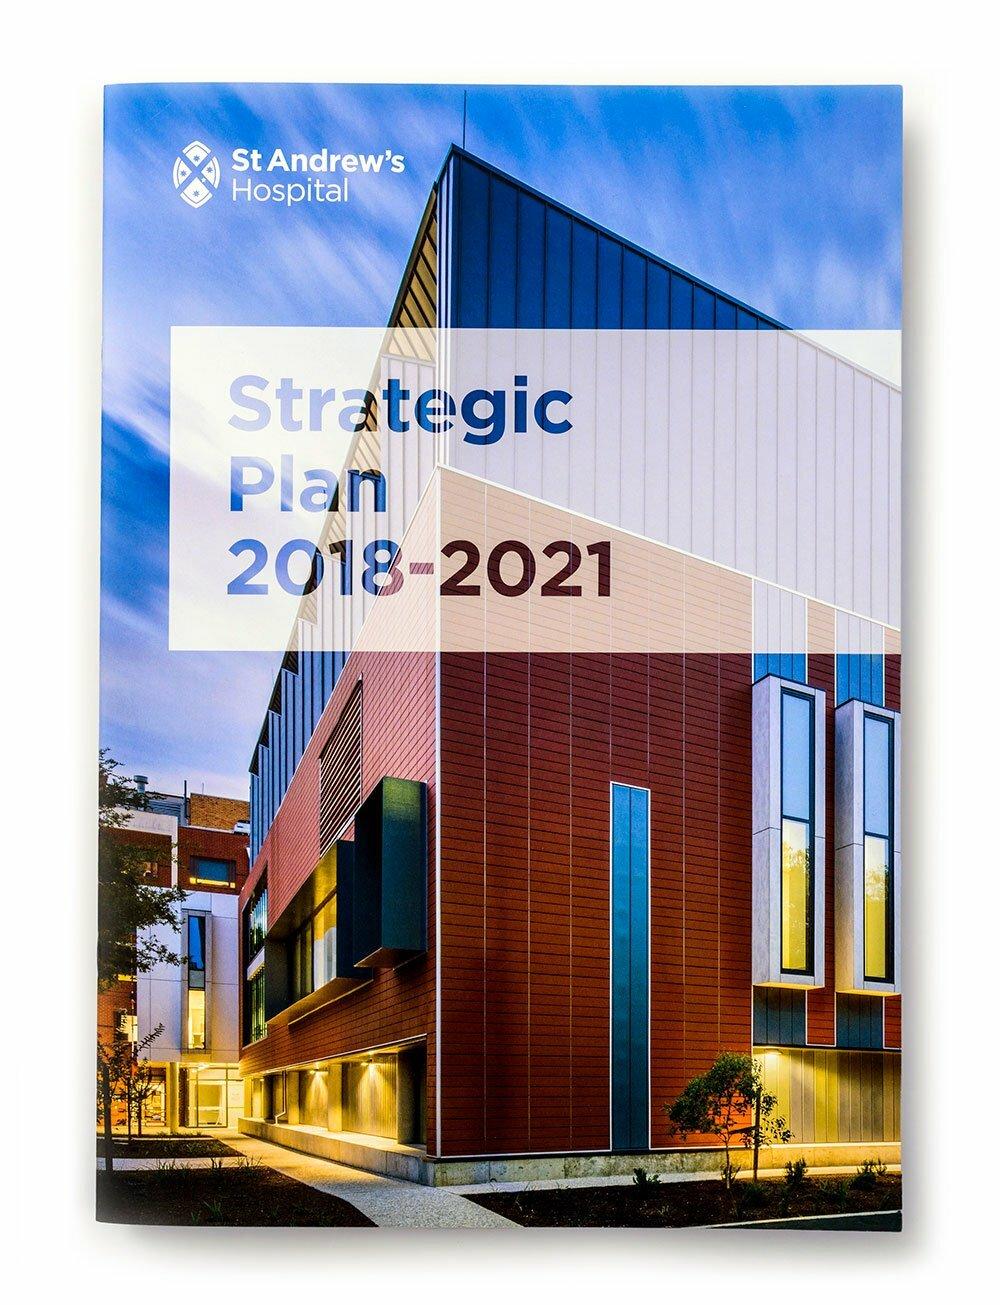 St Andrews 2018-2021 Strategic Plan Cover